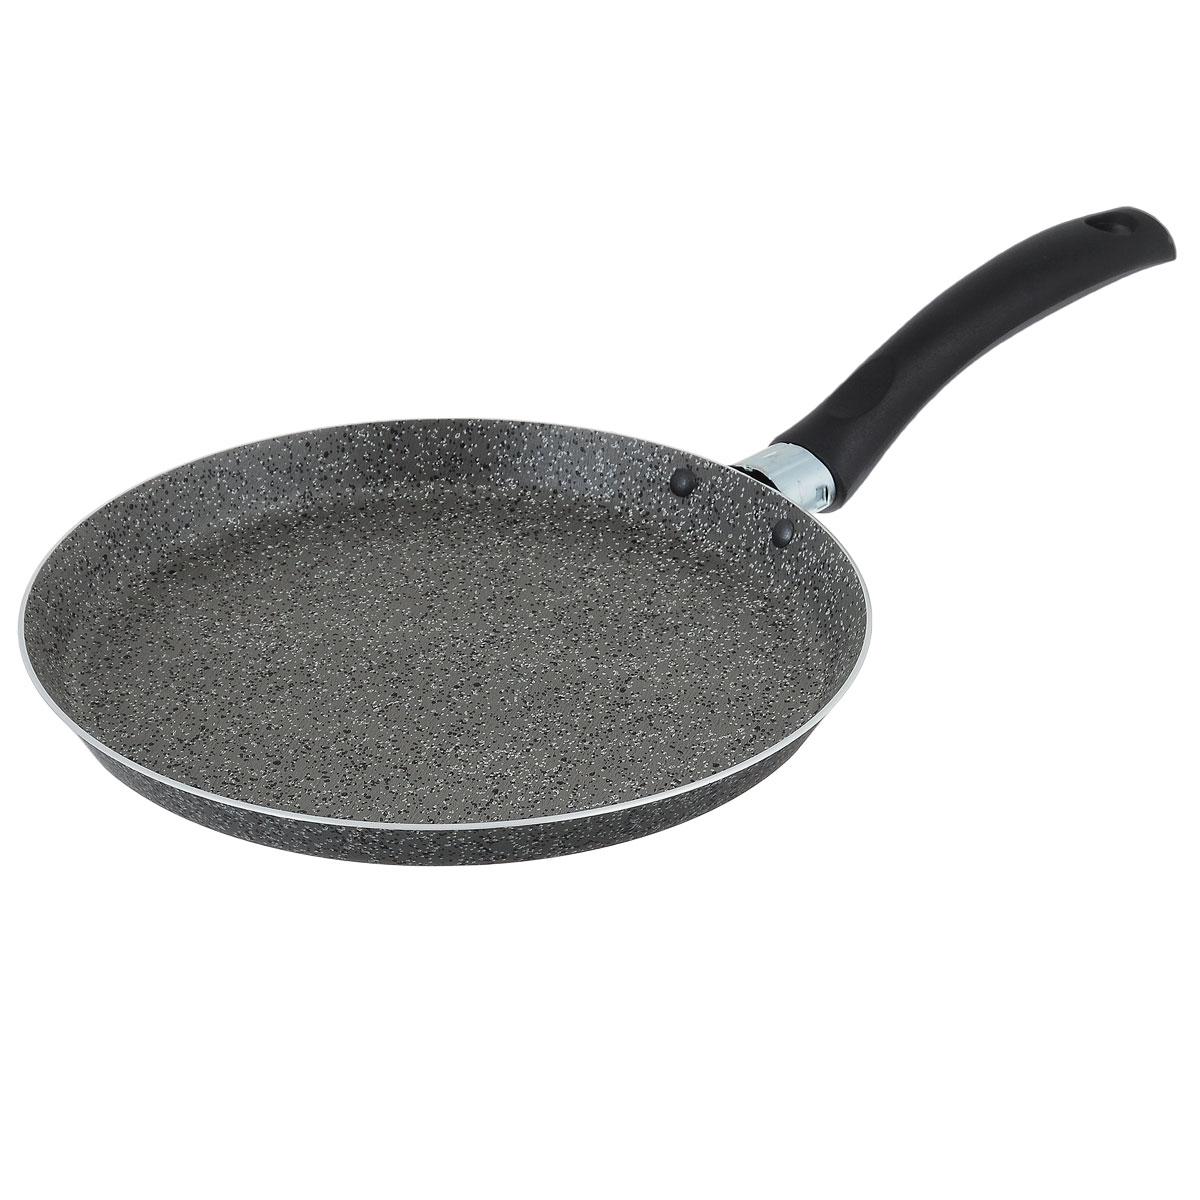 Сковорода для блинов Jarko Onyx, с антипригарным покрытием, цвет: серый. Диаметр 22 смJO-522-20Сковорода для блинов Jarko Onyx выполнена из алюминия с каменным антипригарным покрытием. Покрытие обладает превосходными антипригарными свойствами, не содержит PFOA, свинца и кадмия. Эргономичная ручка сковороды выполнена из бакелита. Сковорода подходит для всех типов плит, кроме индукционных. Можно мыть в посудомоечной машине. Диаметр дна сковороды: 22 см. Высота стенок сковороды: 2 см. Толщина стенок: 2,7 мм. Толщина дна: 2,7 мм. Длина ручки сковороды: 14 см.